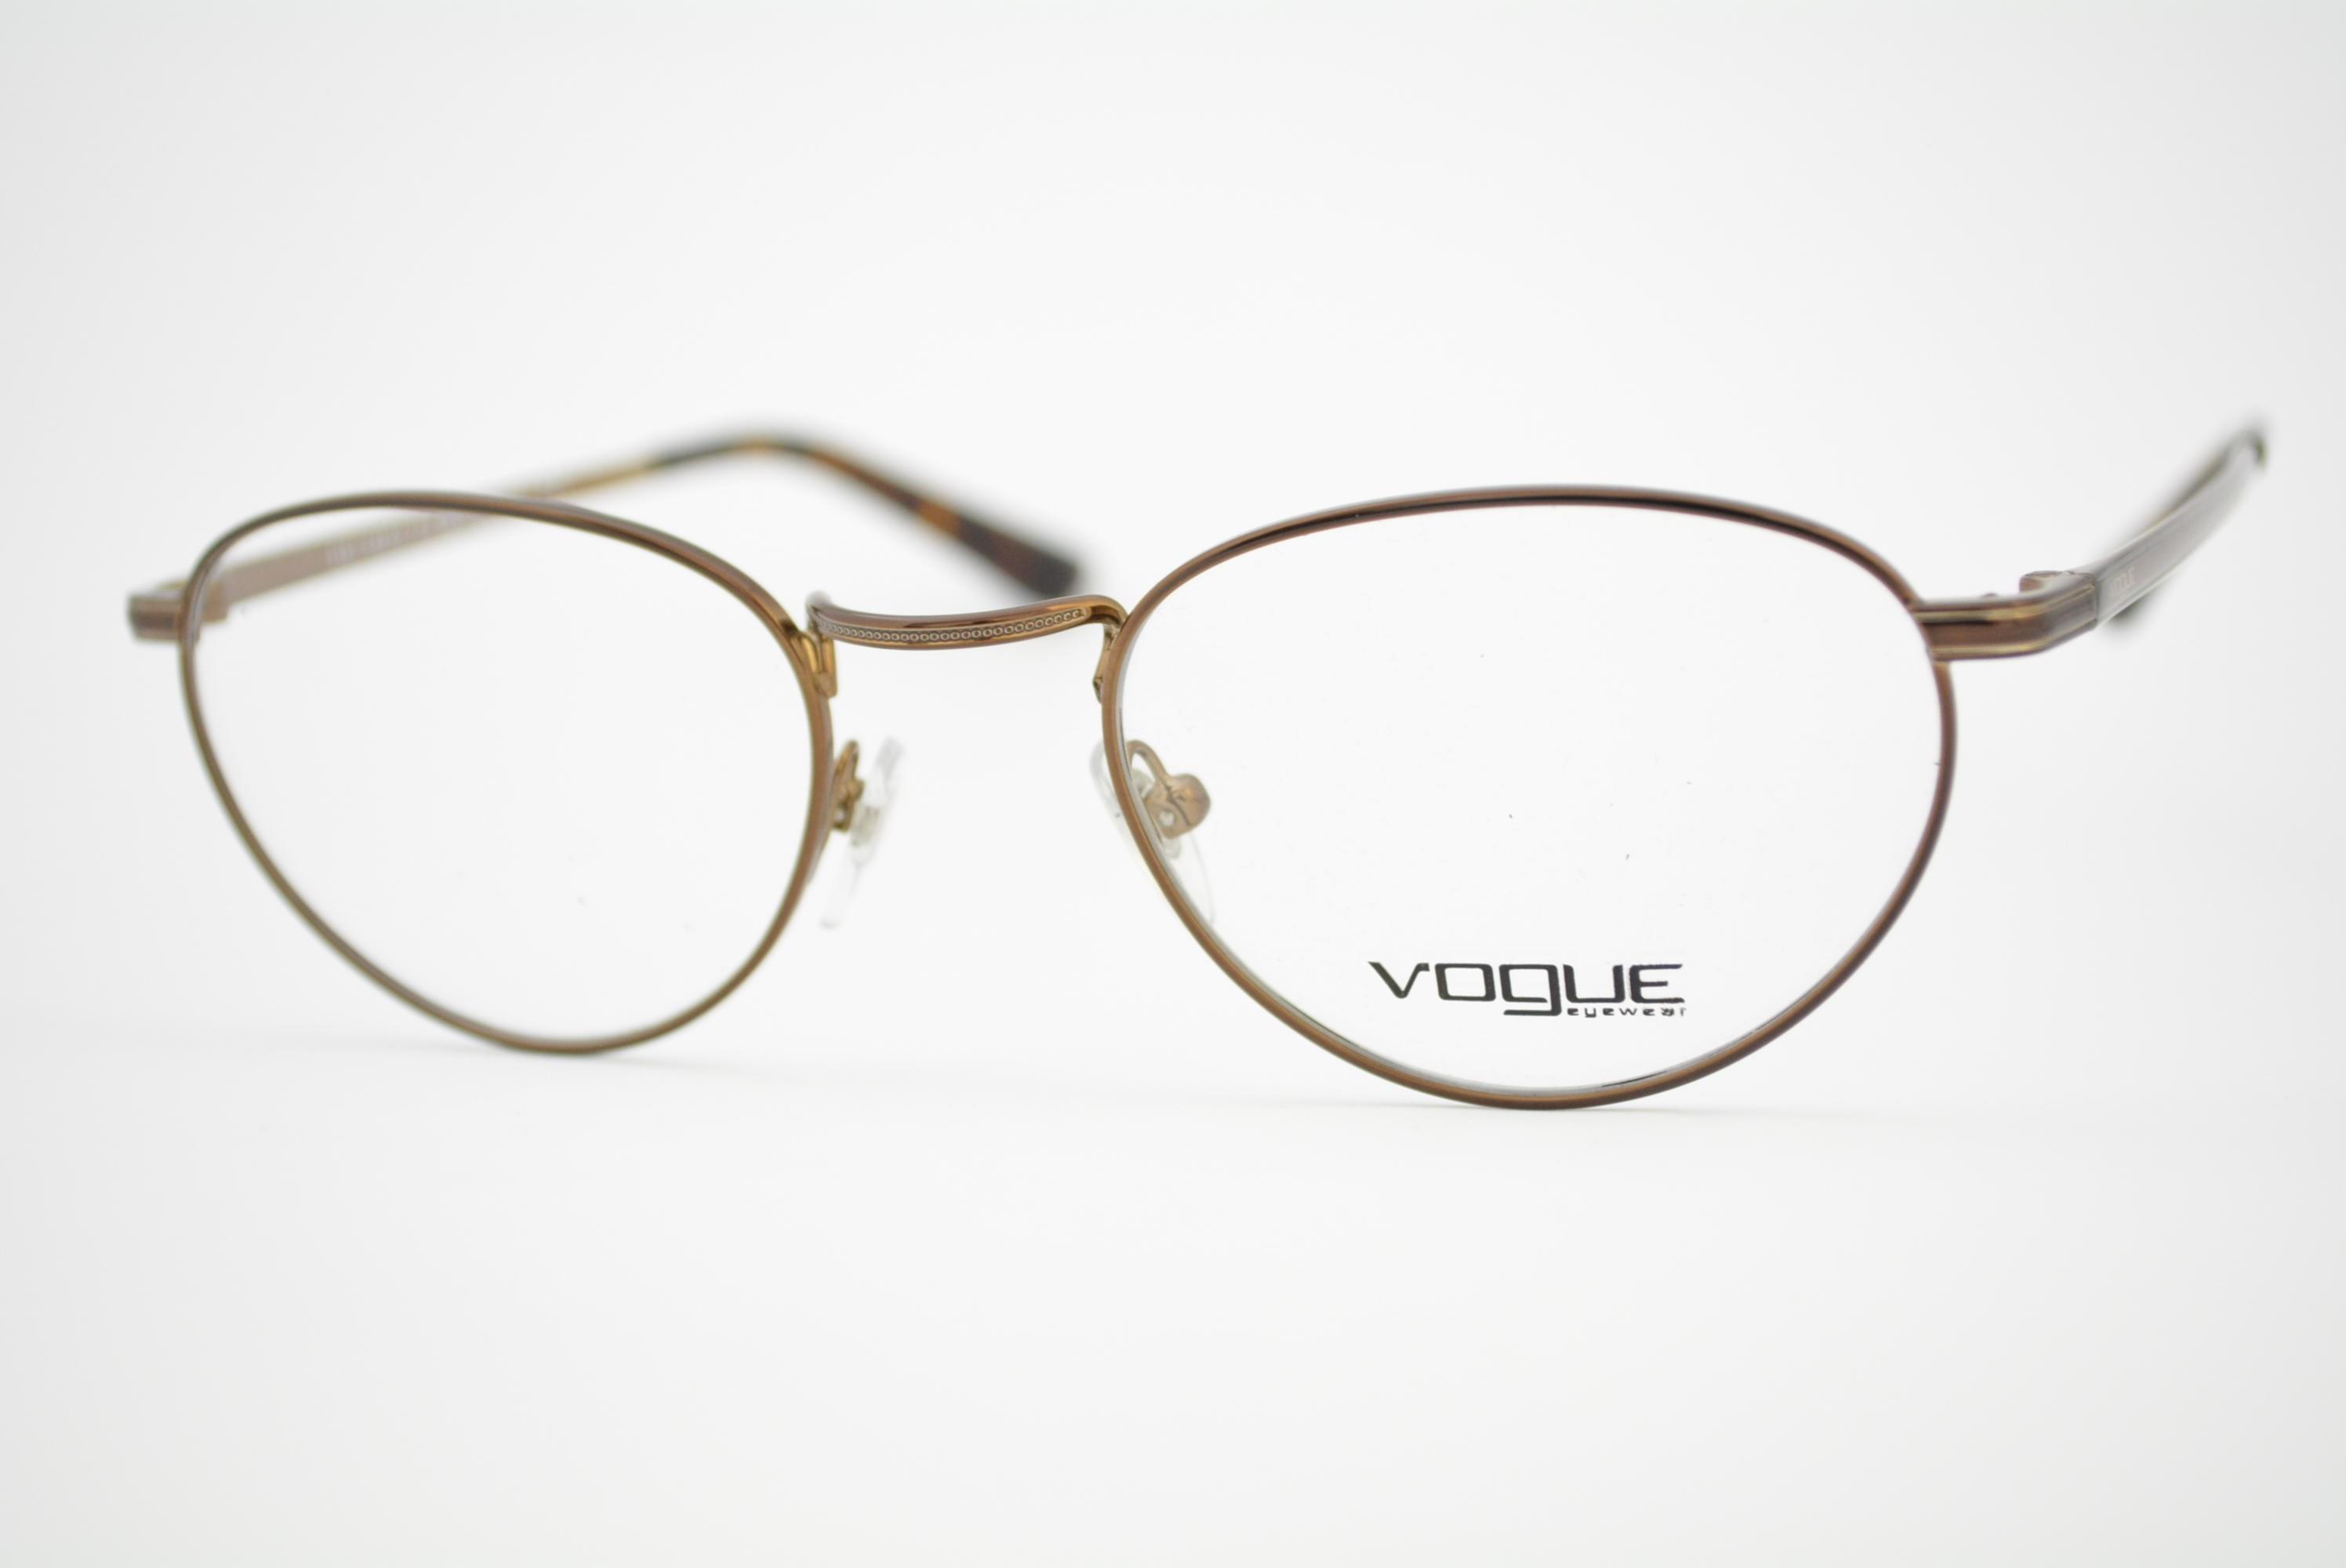 armação de óculos Vogue mod vo4084 5074